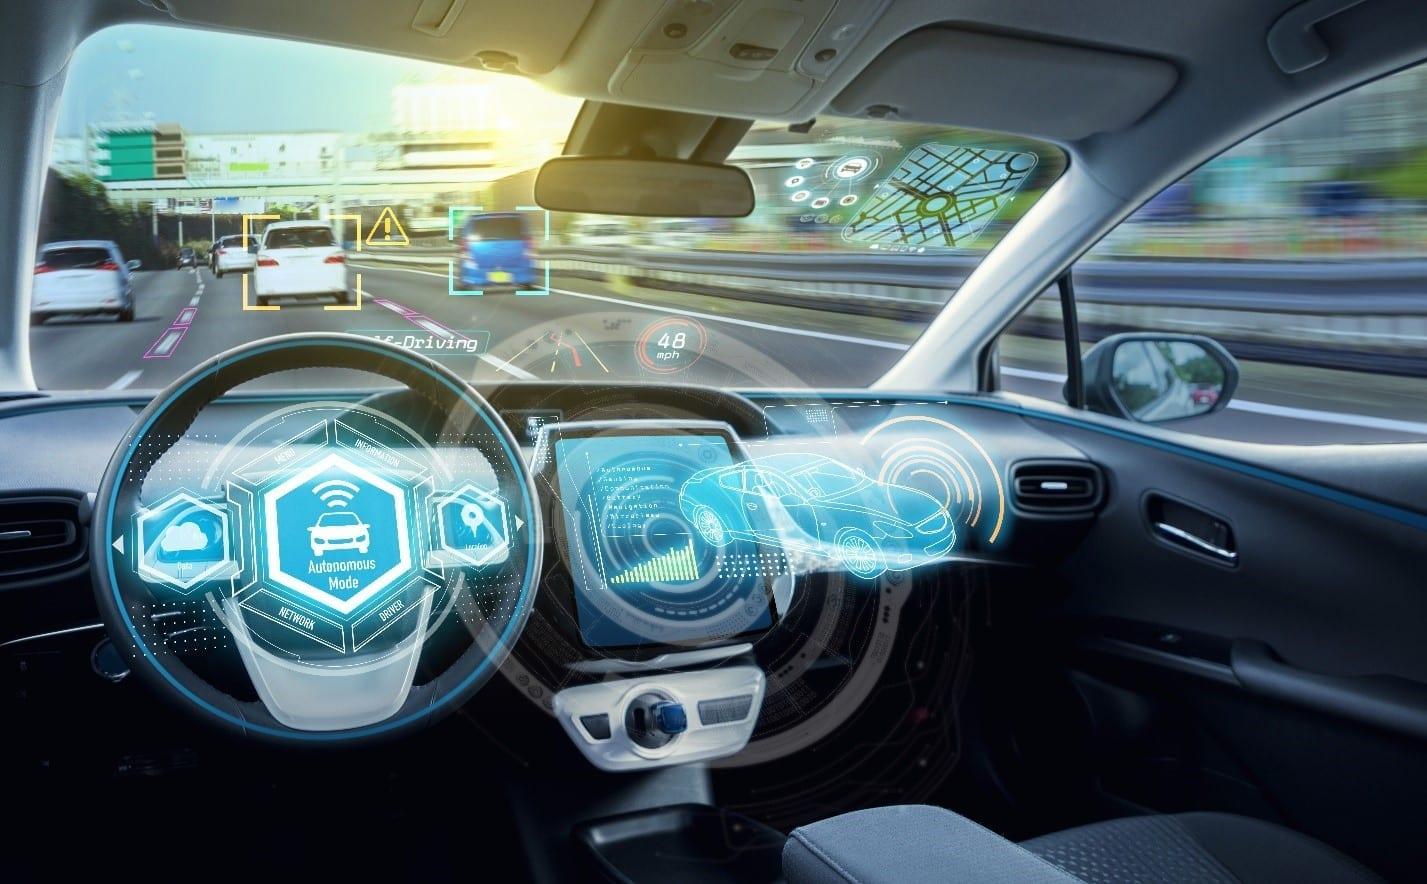 Autonomous Self Driving Vehicle